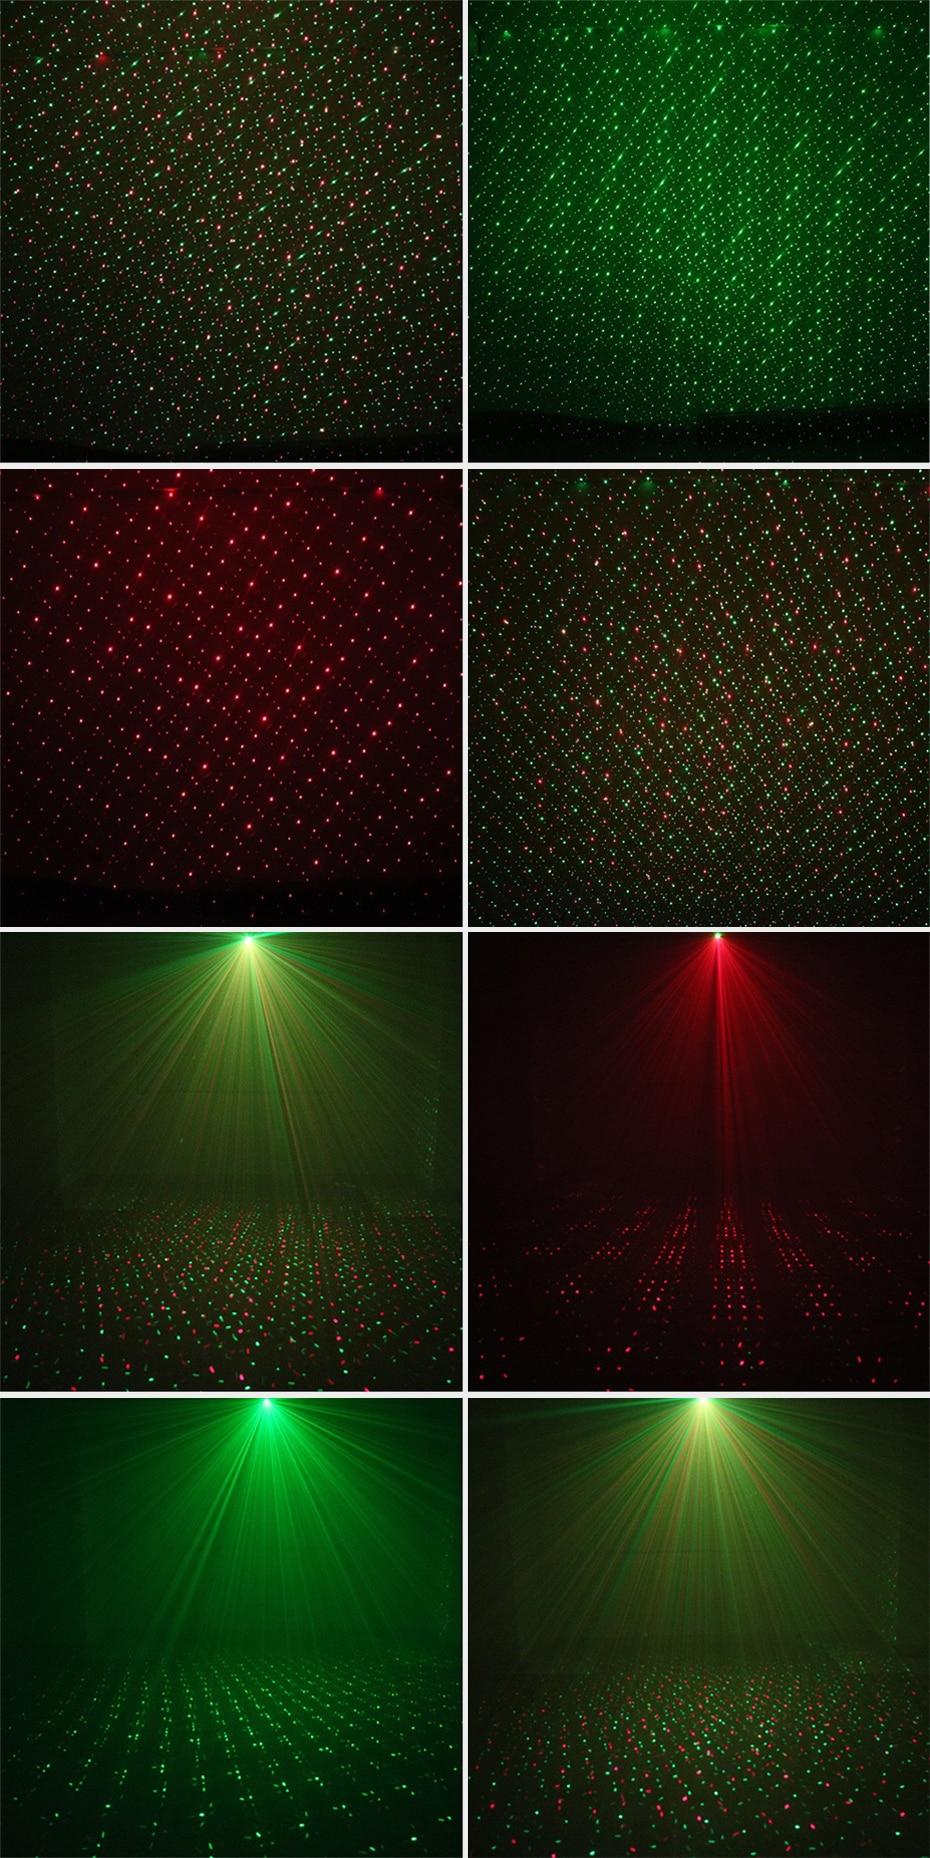 Alien Fern Weihnachten Im Freien Rg Laser Licht Zeigen Projektor Wasserdicht Lichter Fur Urlaub Weihnachten Baum Dekorationen Garten Beleuchtung Laser Licht Licht Zeigenlaser Licht Zeigen Aliexpress